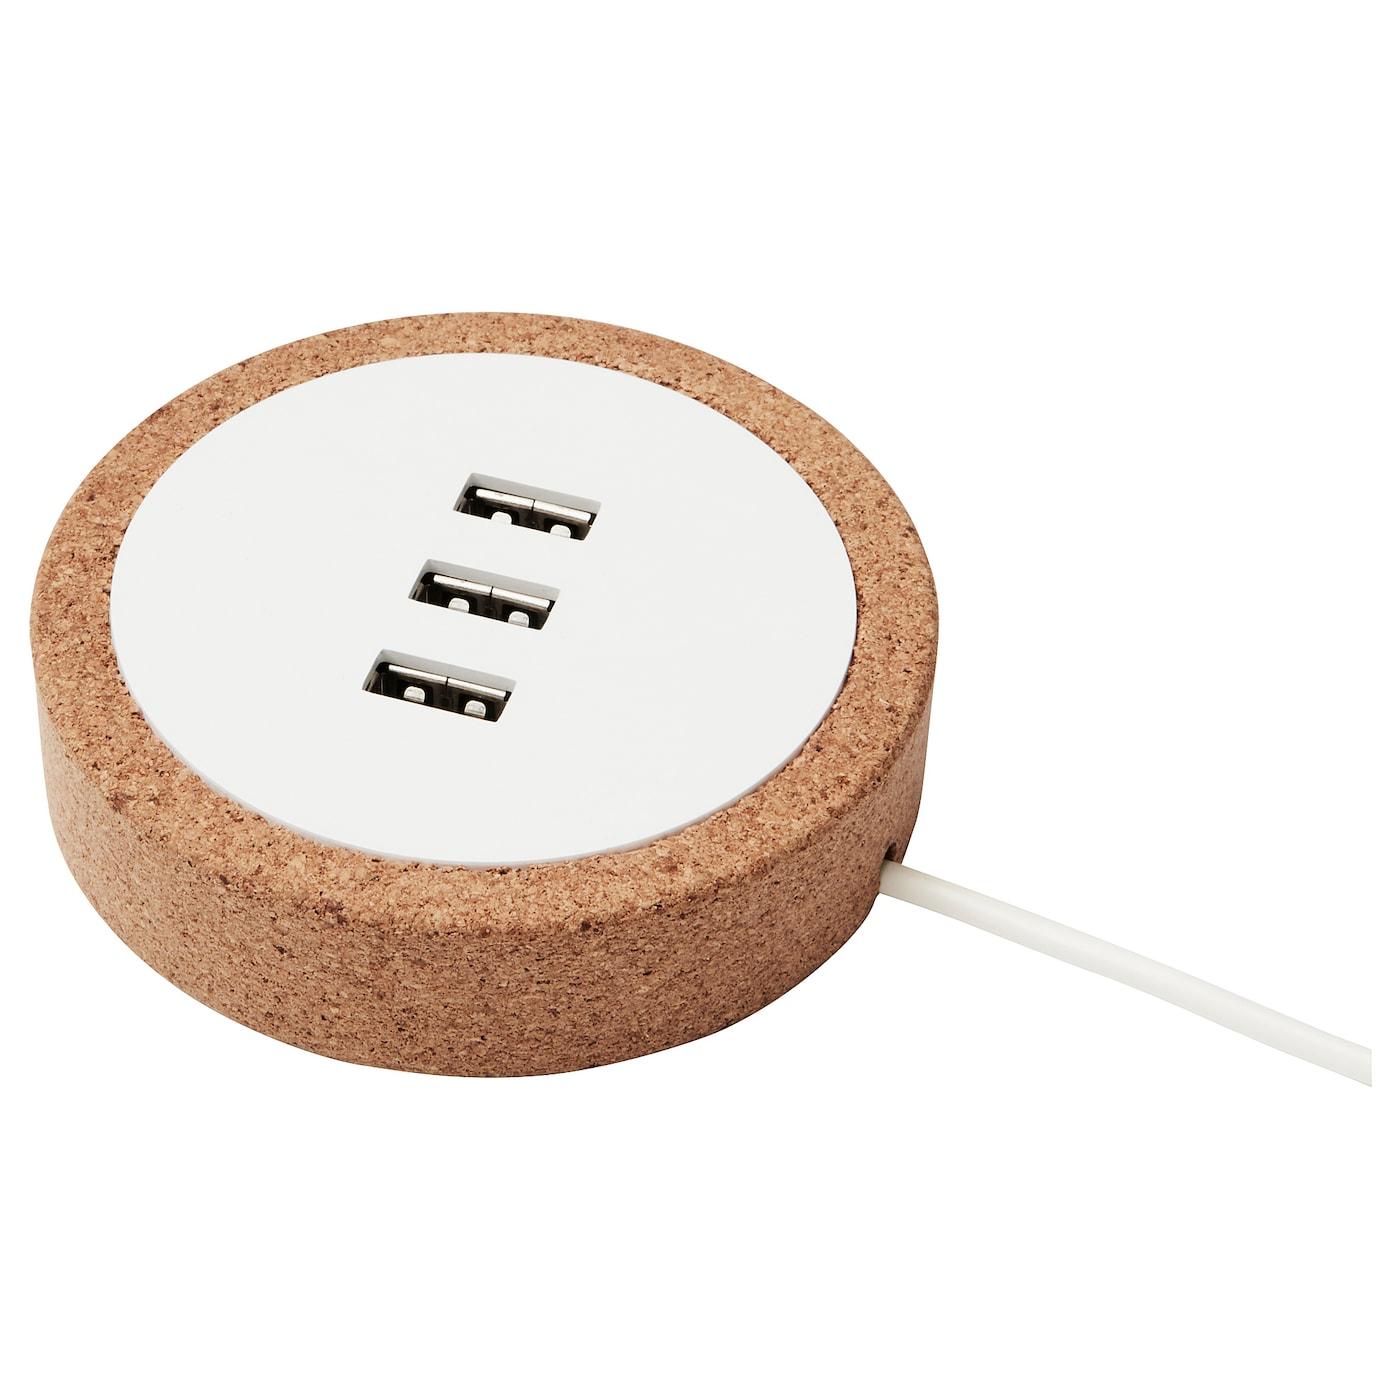 NORDMÄRKE Cargador USB - blanco, corcho - IKEA